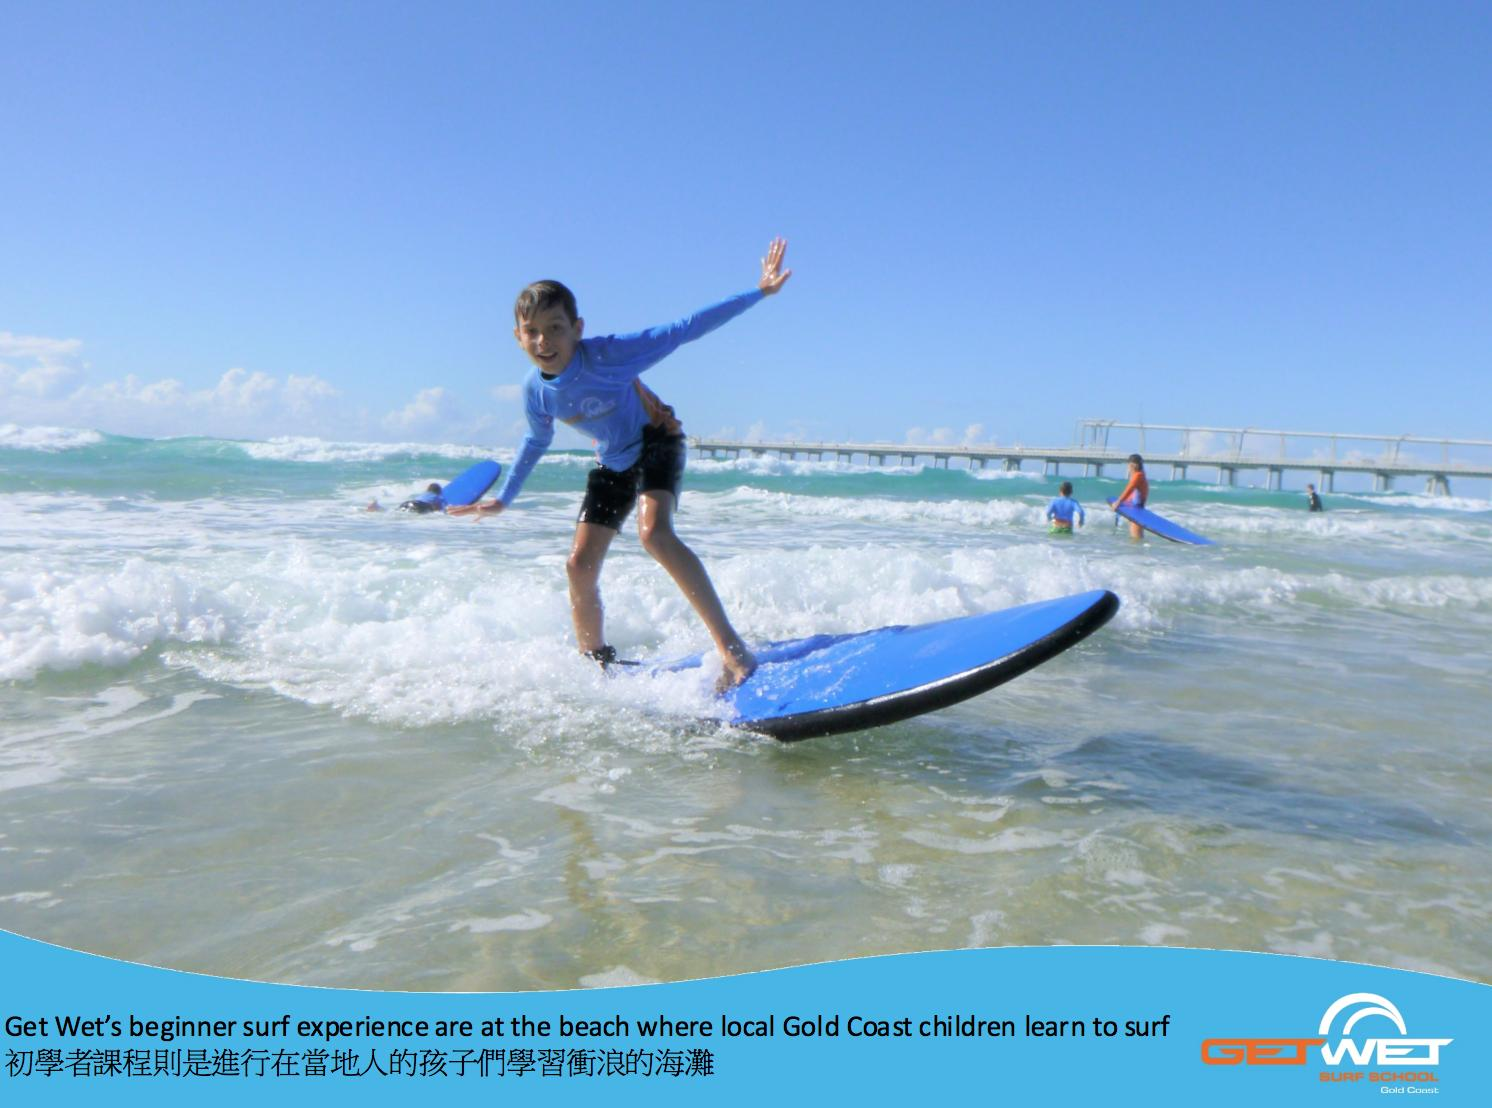 黃金海岸 Get Wet 衝浪學校零基礎衝浪課(小班授課,可選多課程)